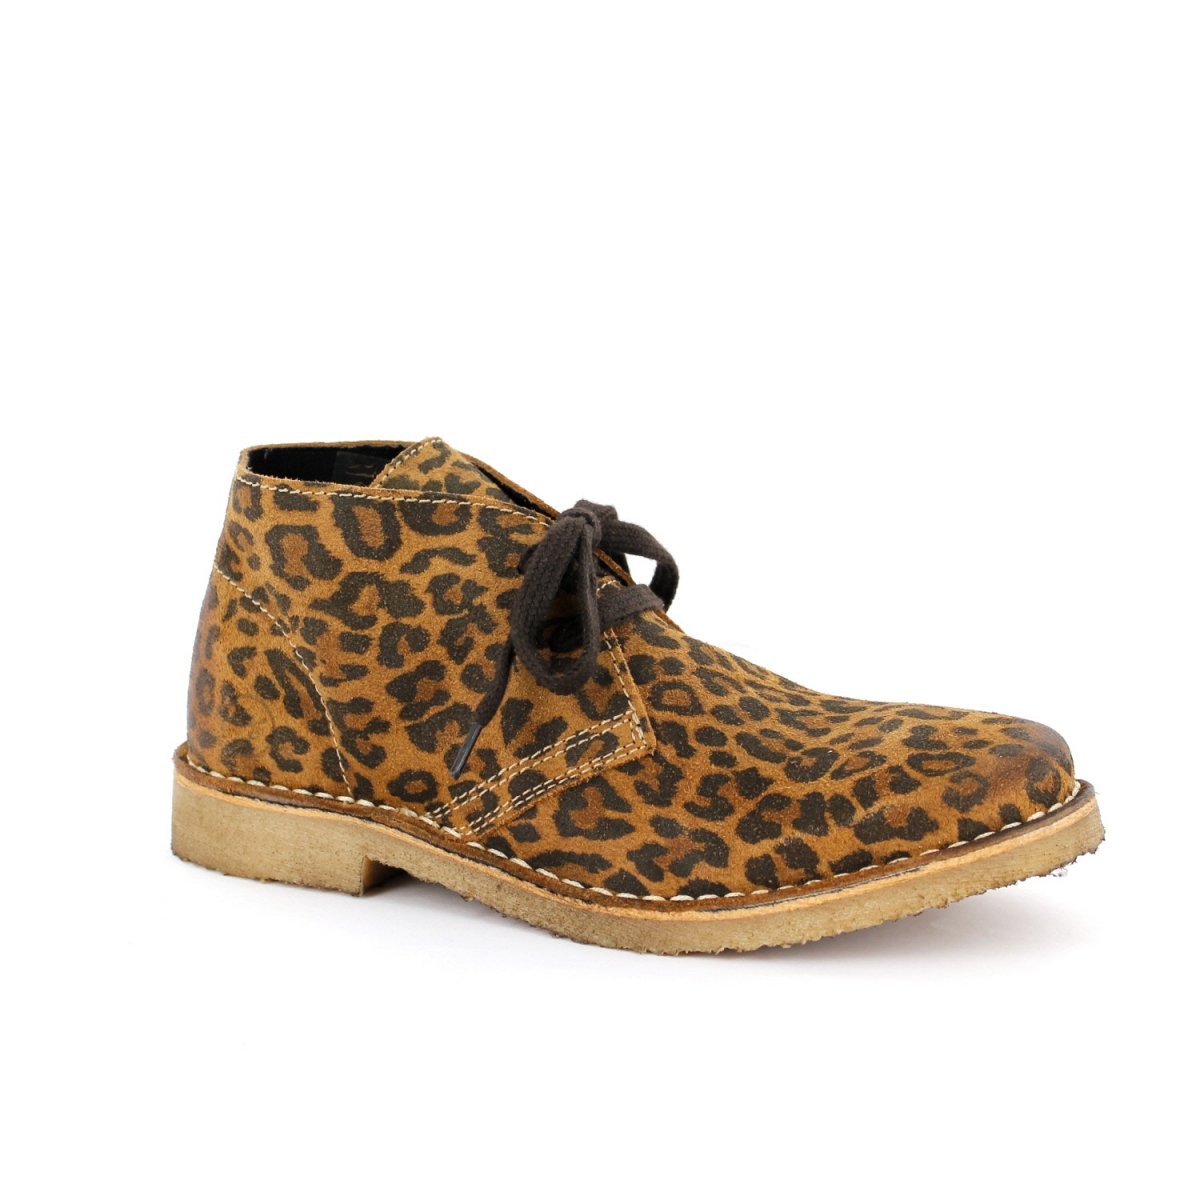 bronx blinki schn rer leopard suede hillenhinrichs. Black Bedroom Furniture Sets. Home Design Ideas